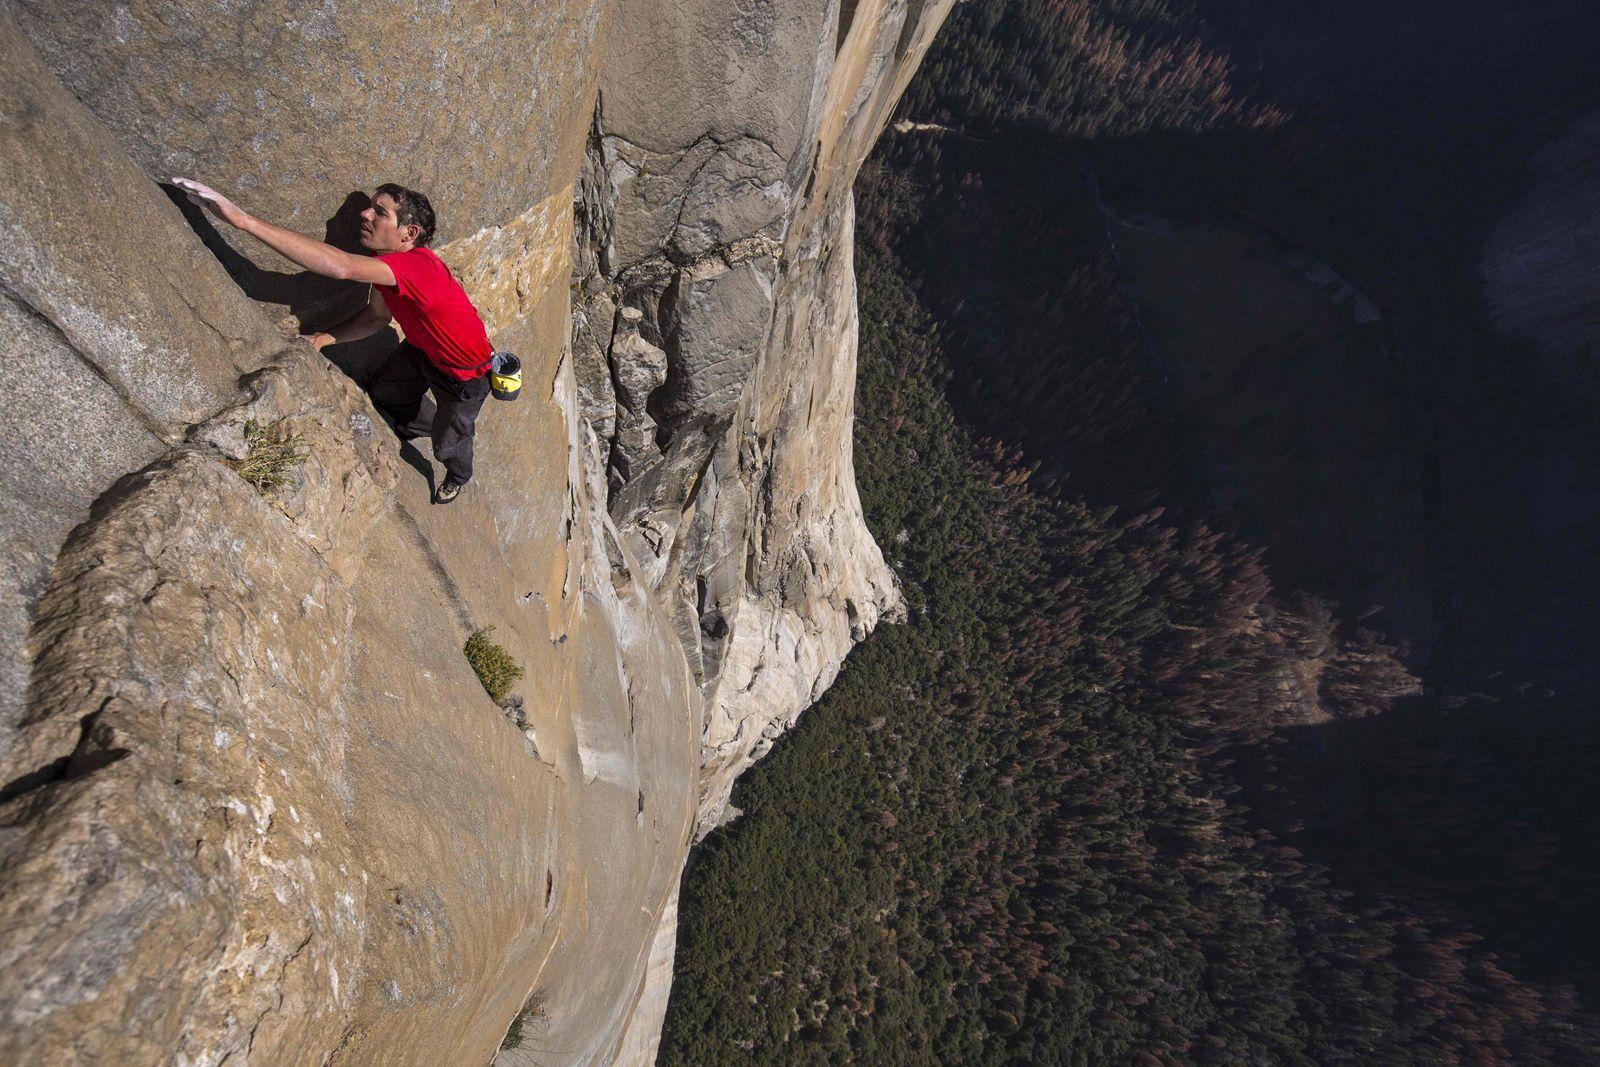 TOPSHOT-US-FILM-CLIMBING-EL CAPITAN